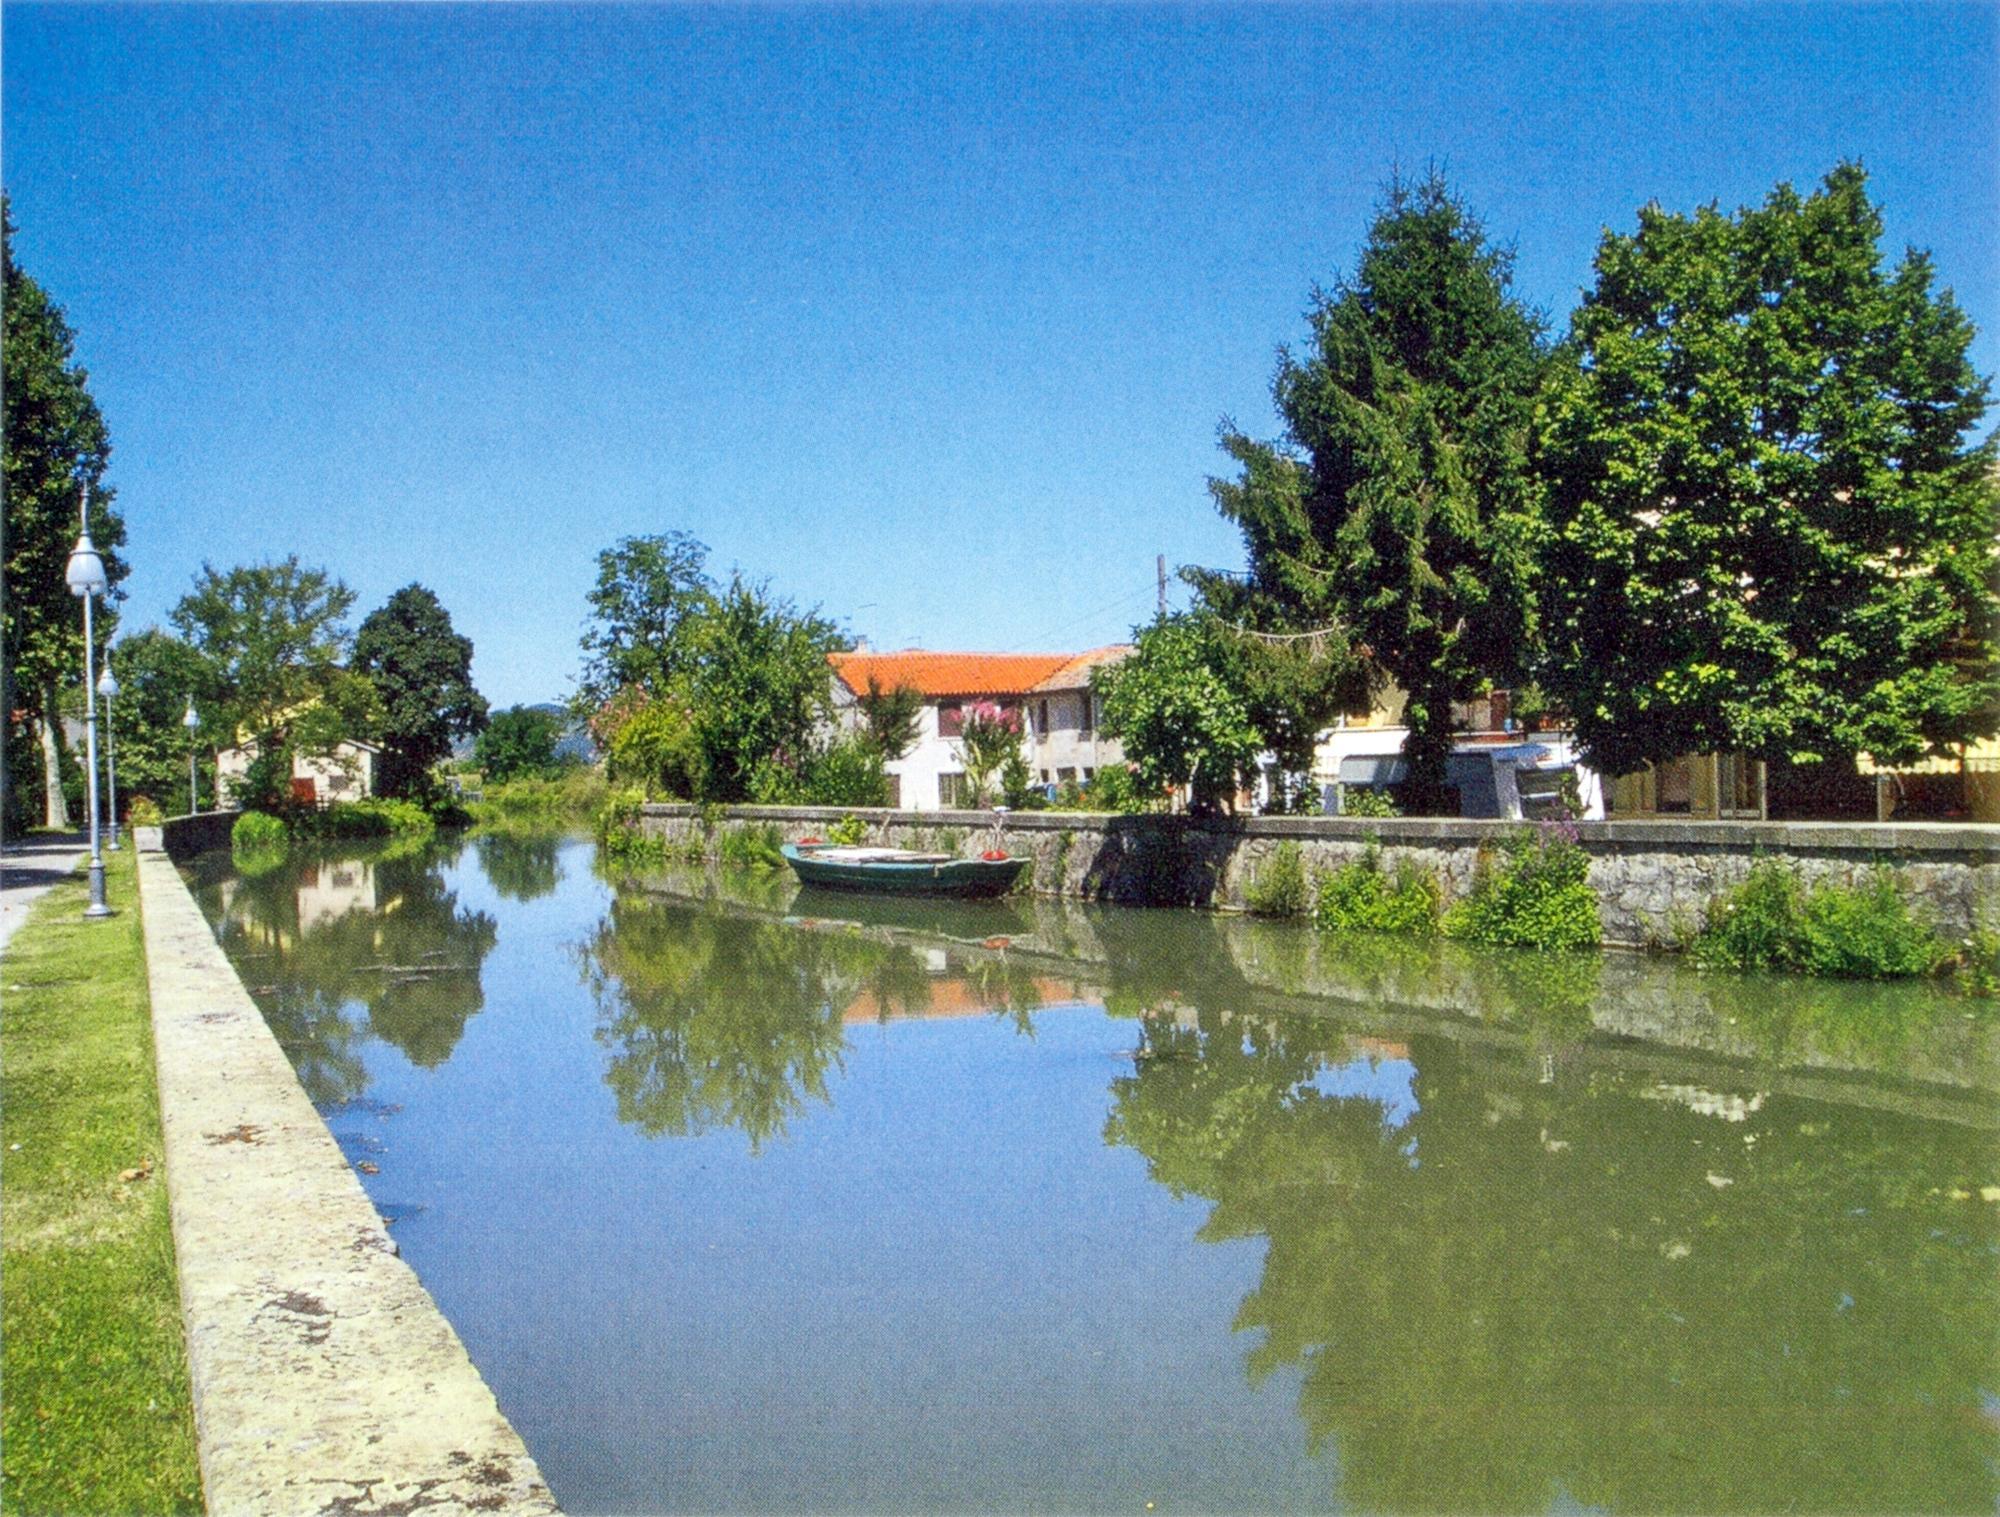 Il canale Biancolino nei pressi di Pontemanco (Due Carrare).